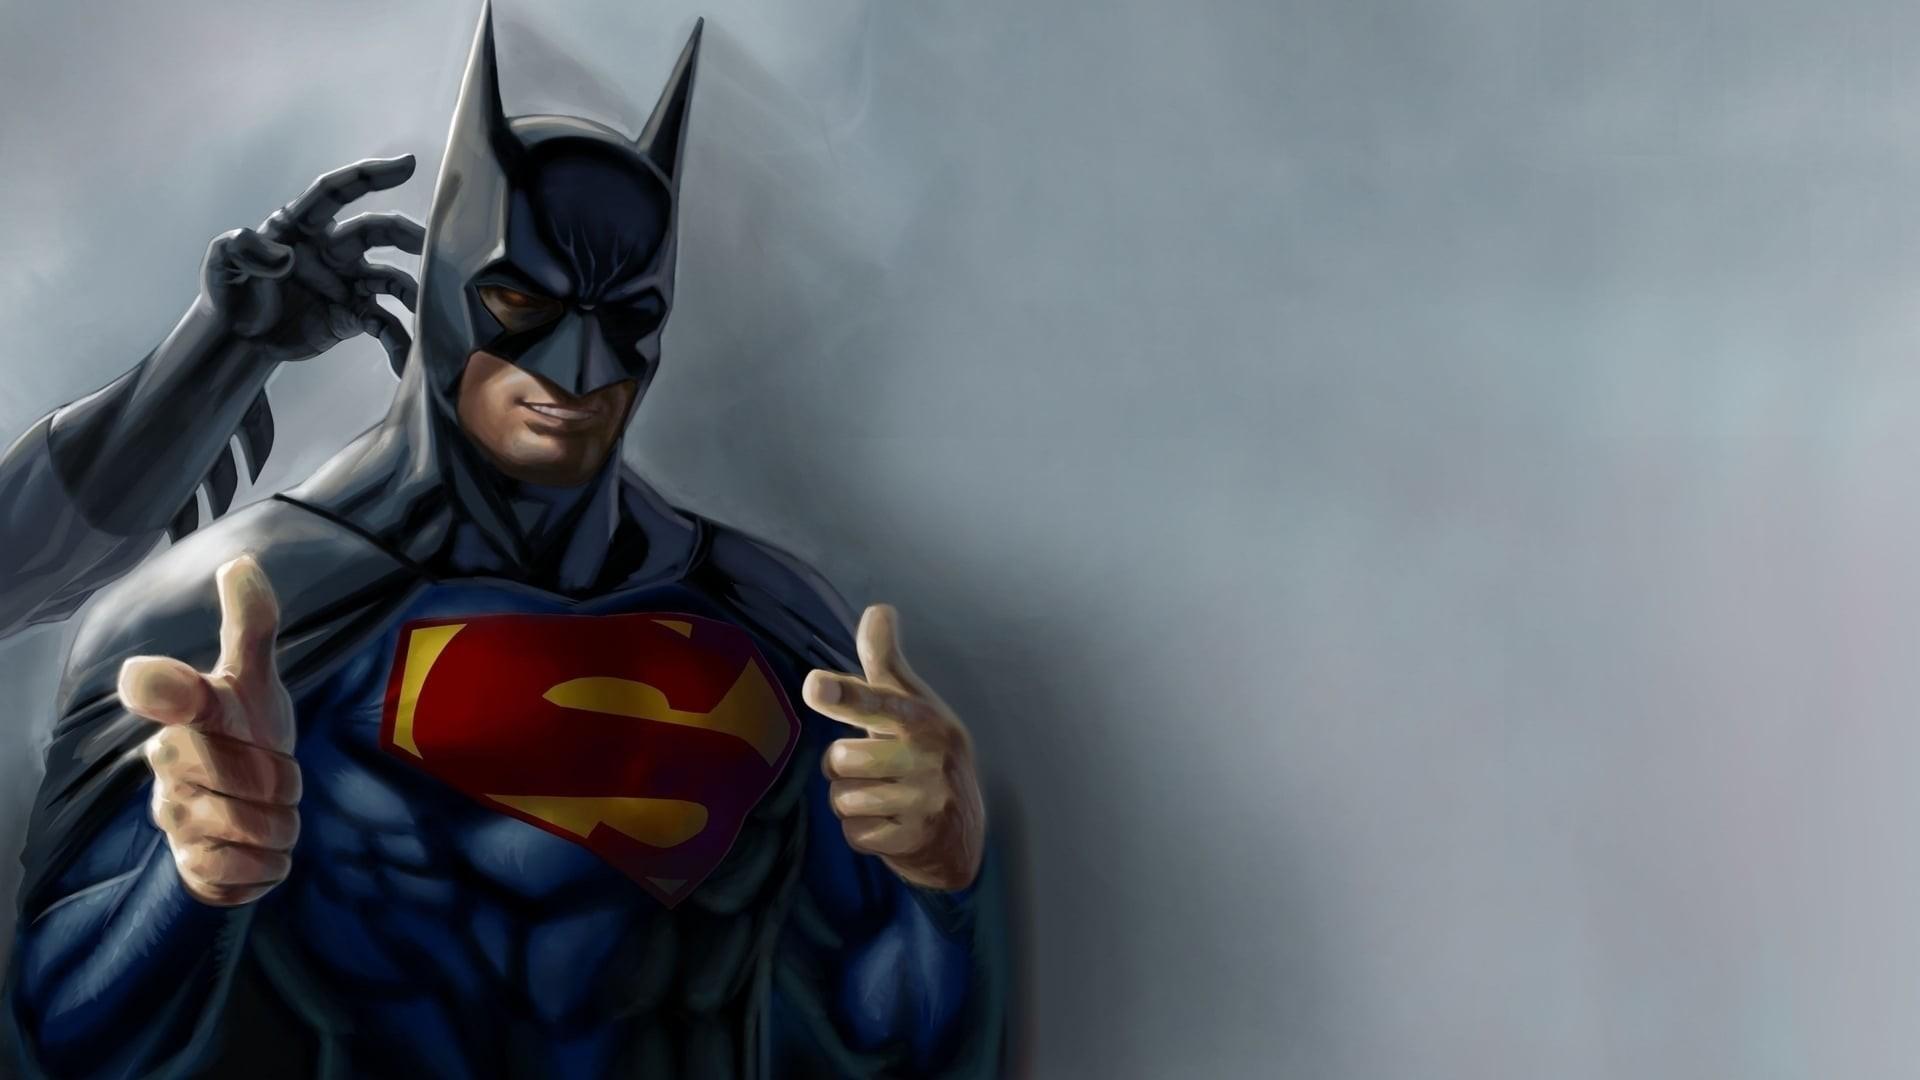 1920x1080 0 Batman Vs Superman 1080p Wallpapers 2016 HD Download